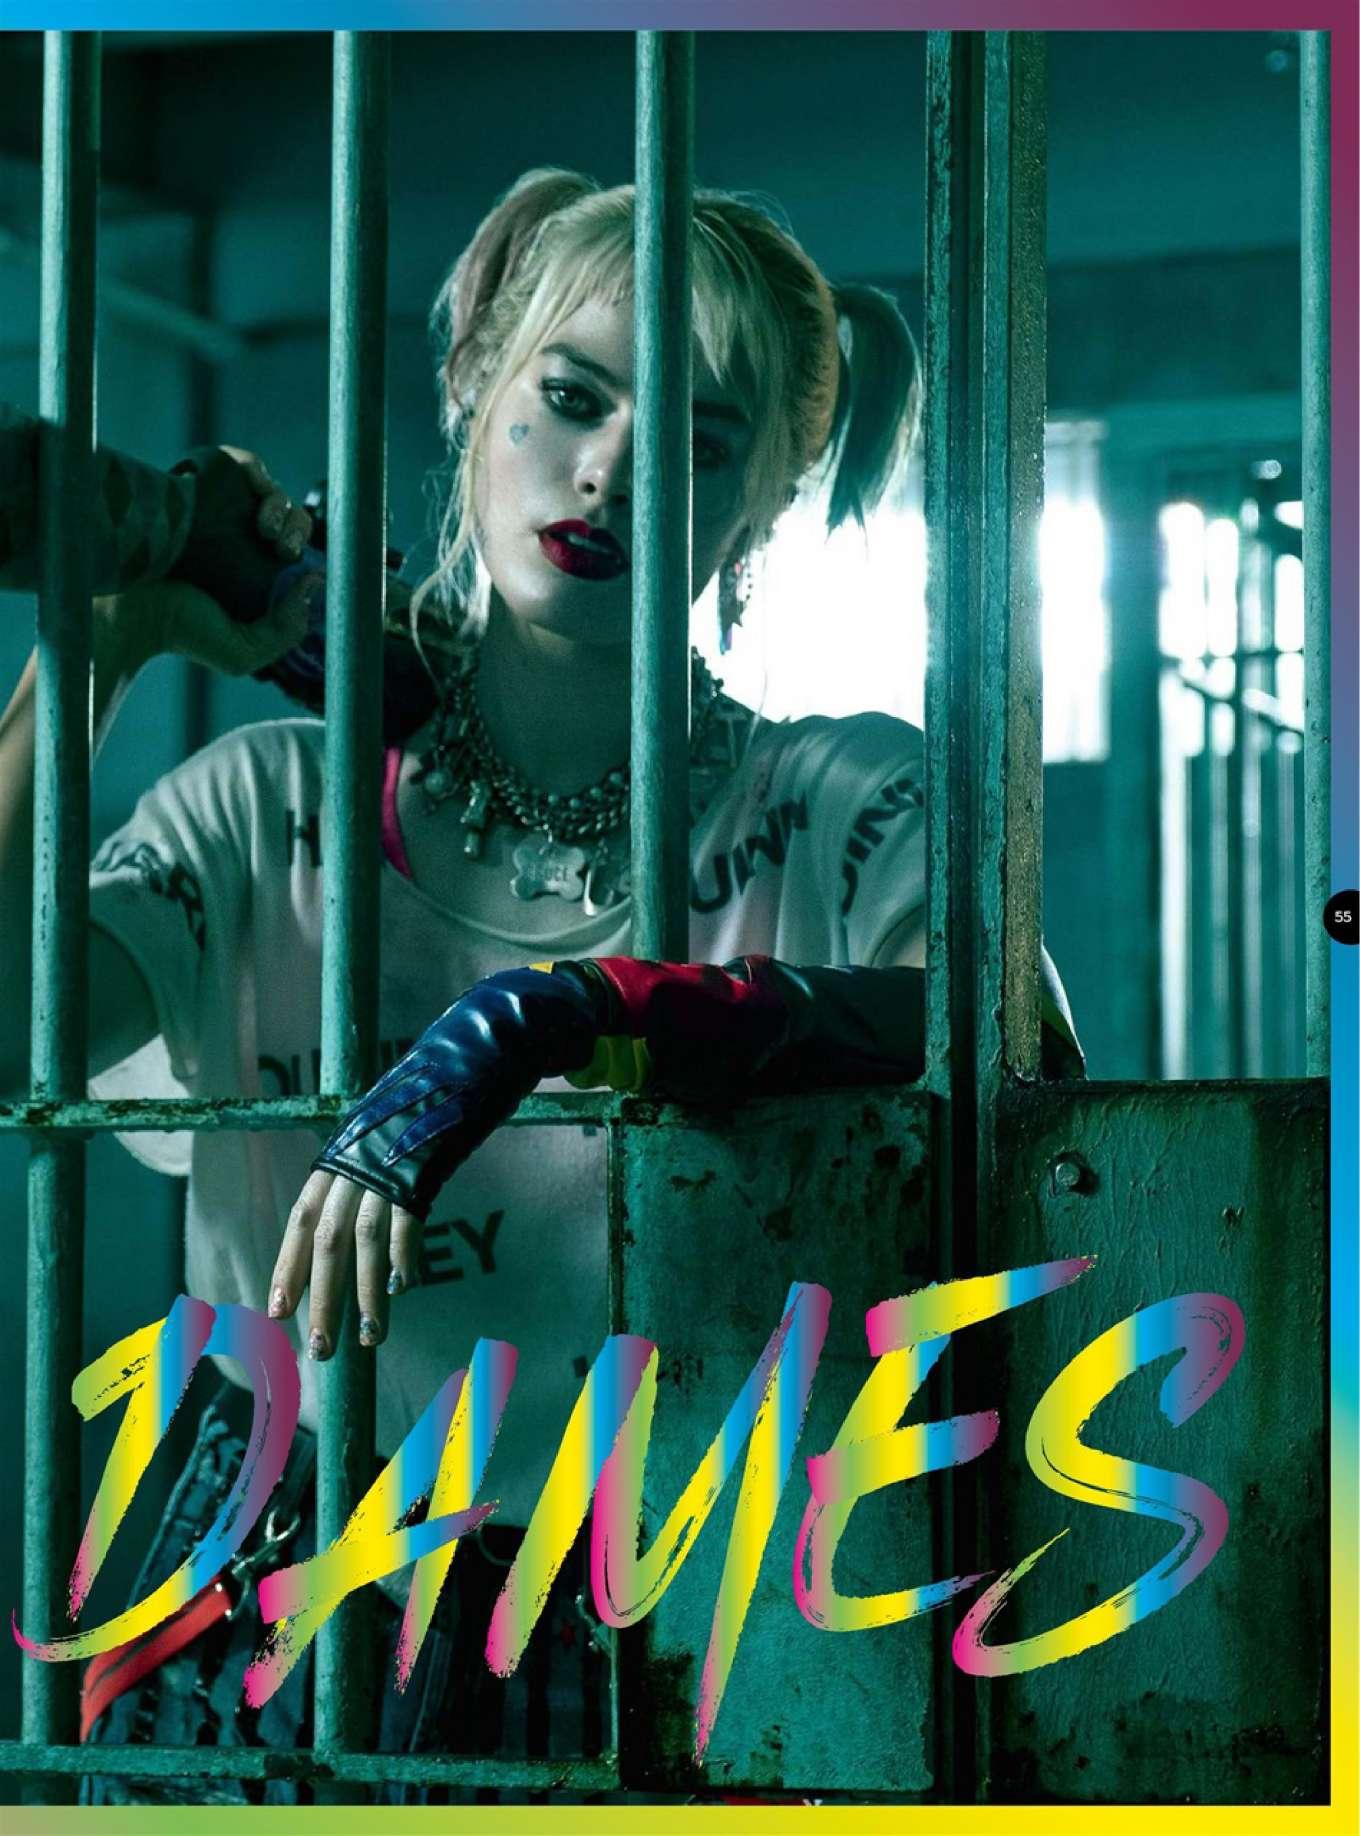 Margot Robbie 2019 : Margot Robbie – Total Film 2019-12